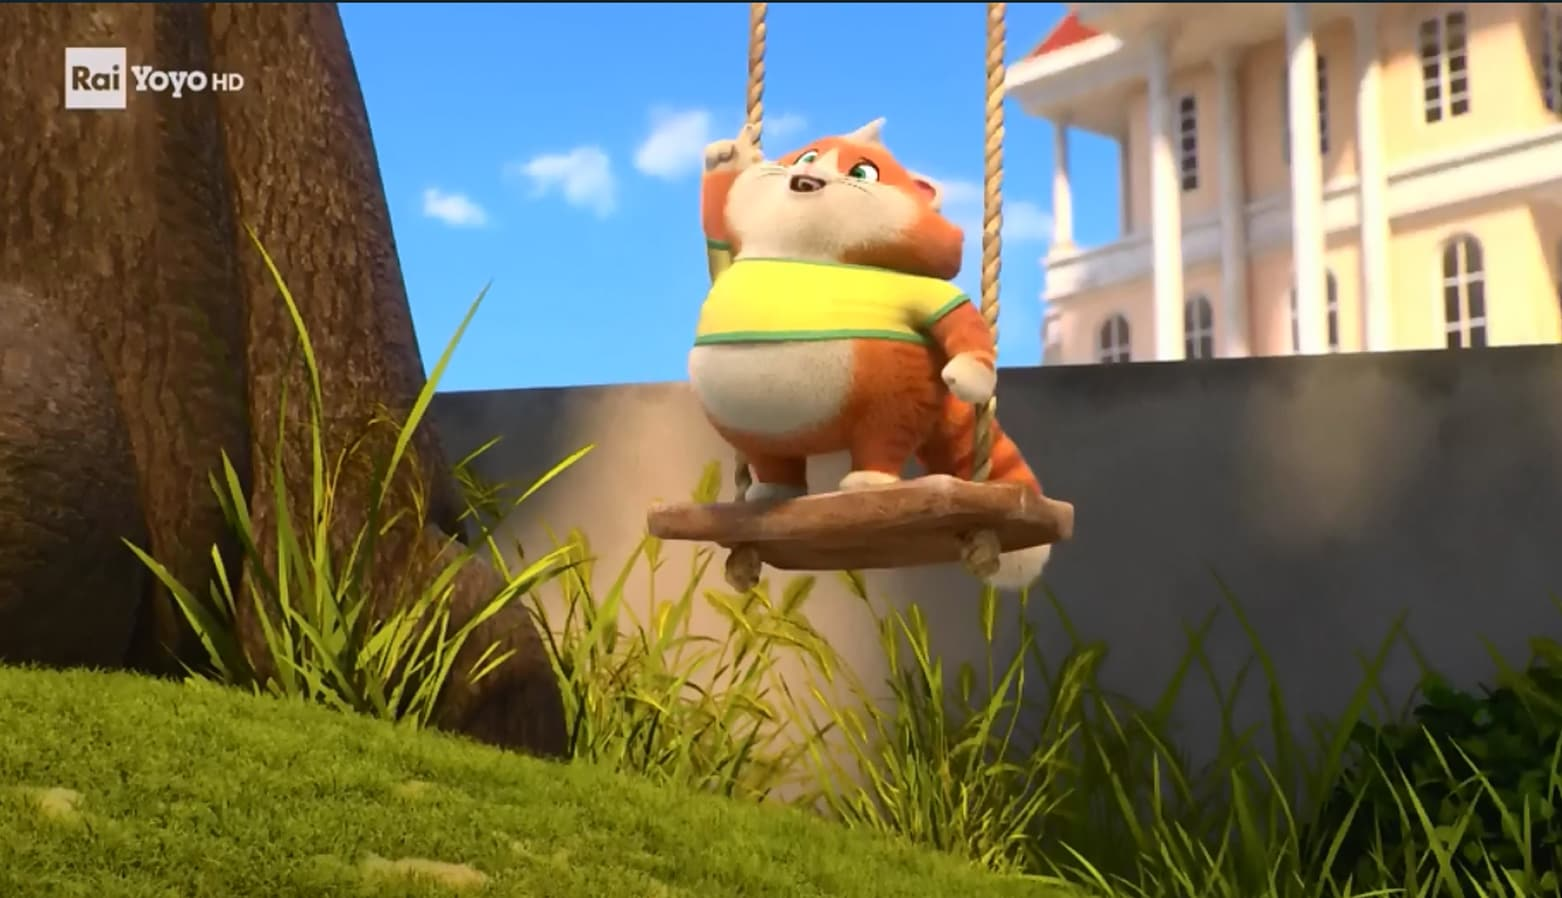 Rai Yoyo 44 gatti - S1E23 - Il gatto supereroe